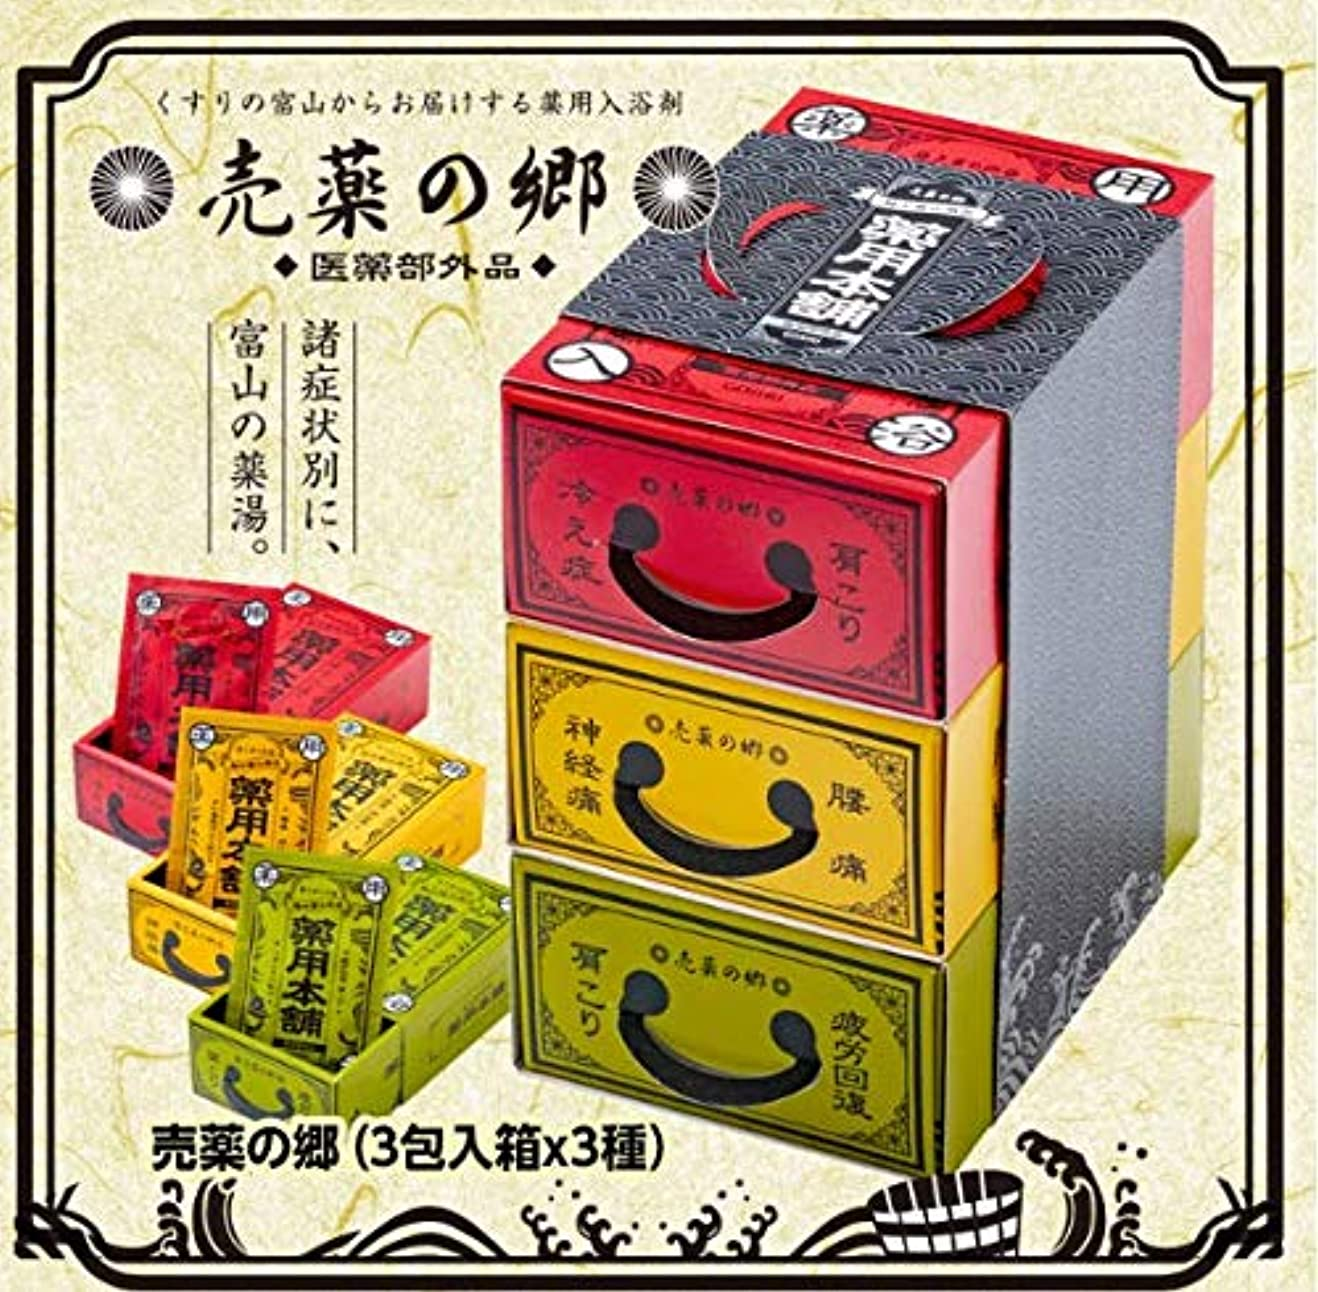 国際年金受給者何でも薬の富山の薬用入浴剤 売薬の郷 薬用本舗3箱セット 10セット